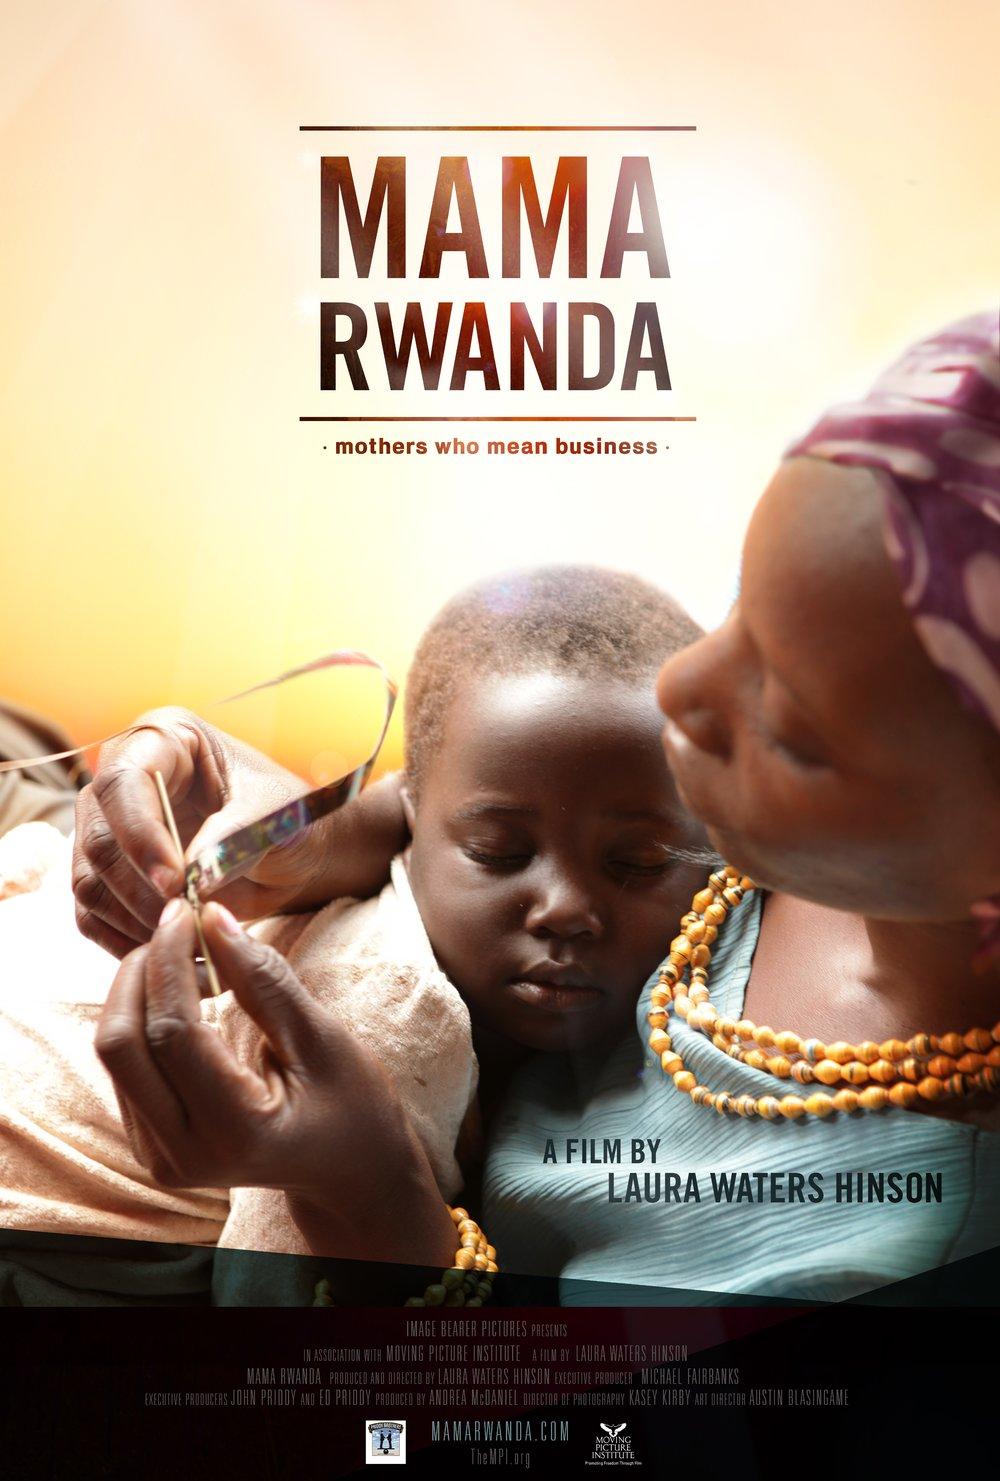 MamaRWANDA_Poster.jpg